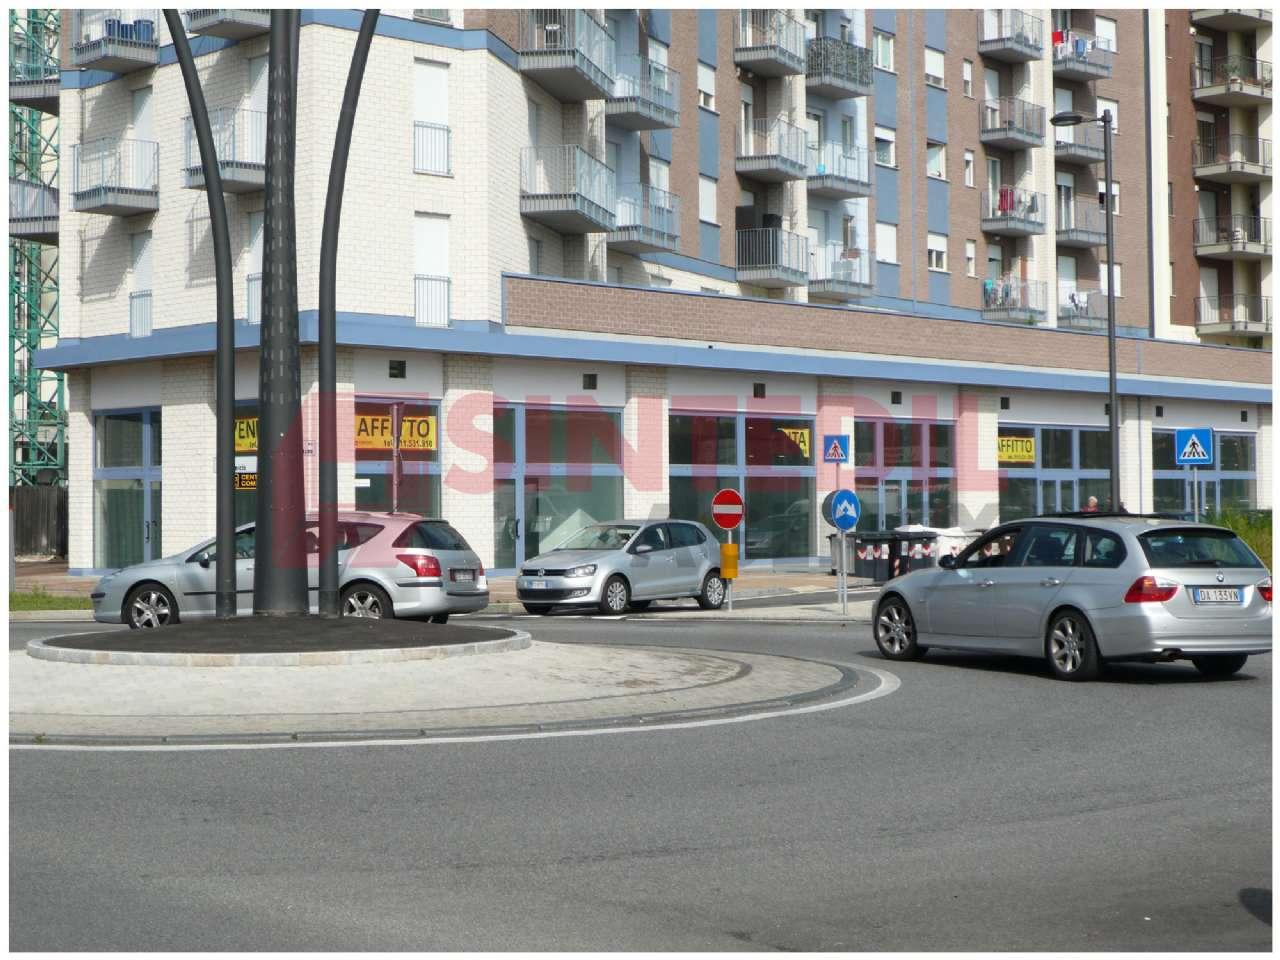 Immagine immobiliare locale commerciale 551 mq Via De Amicis angolo Via Niccolò Tommaseo, in contesto di nuovo insediamento residenziale e commerciale, nelle vicinanze del nuovissimo Centro Commerciale Ipercoop 'Piazza Paradiso', affittiamo un ampio...